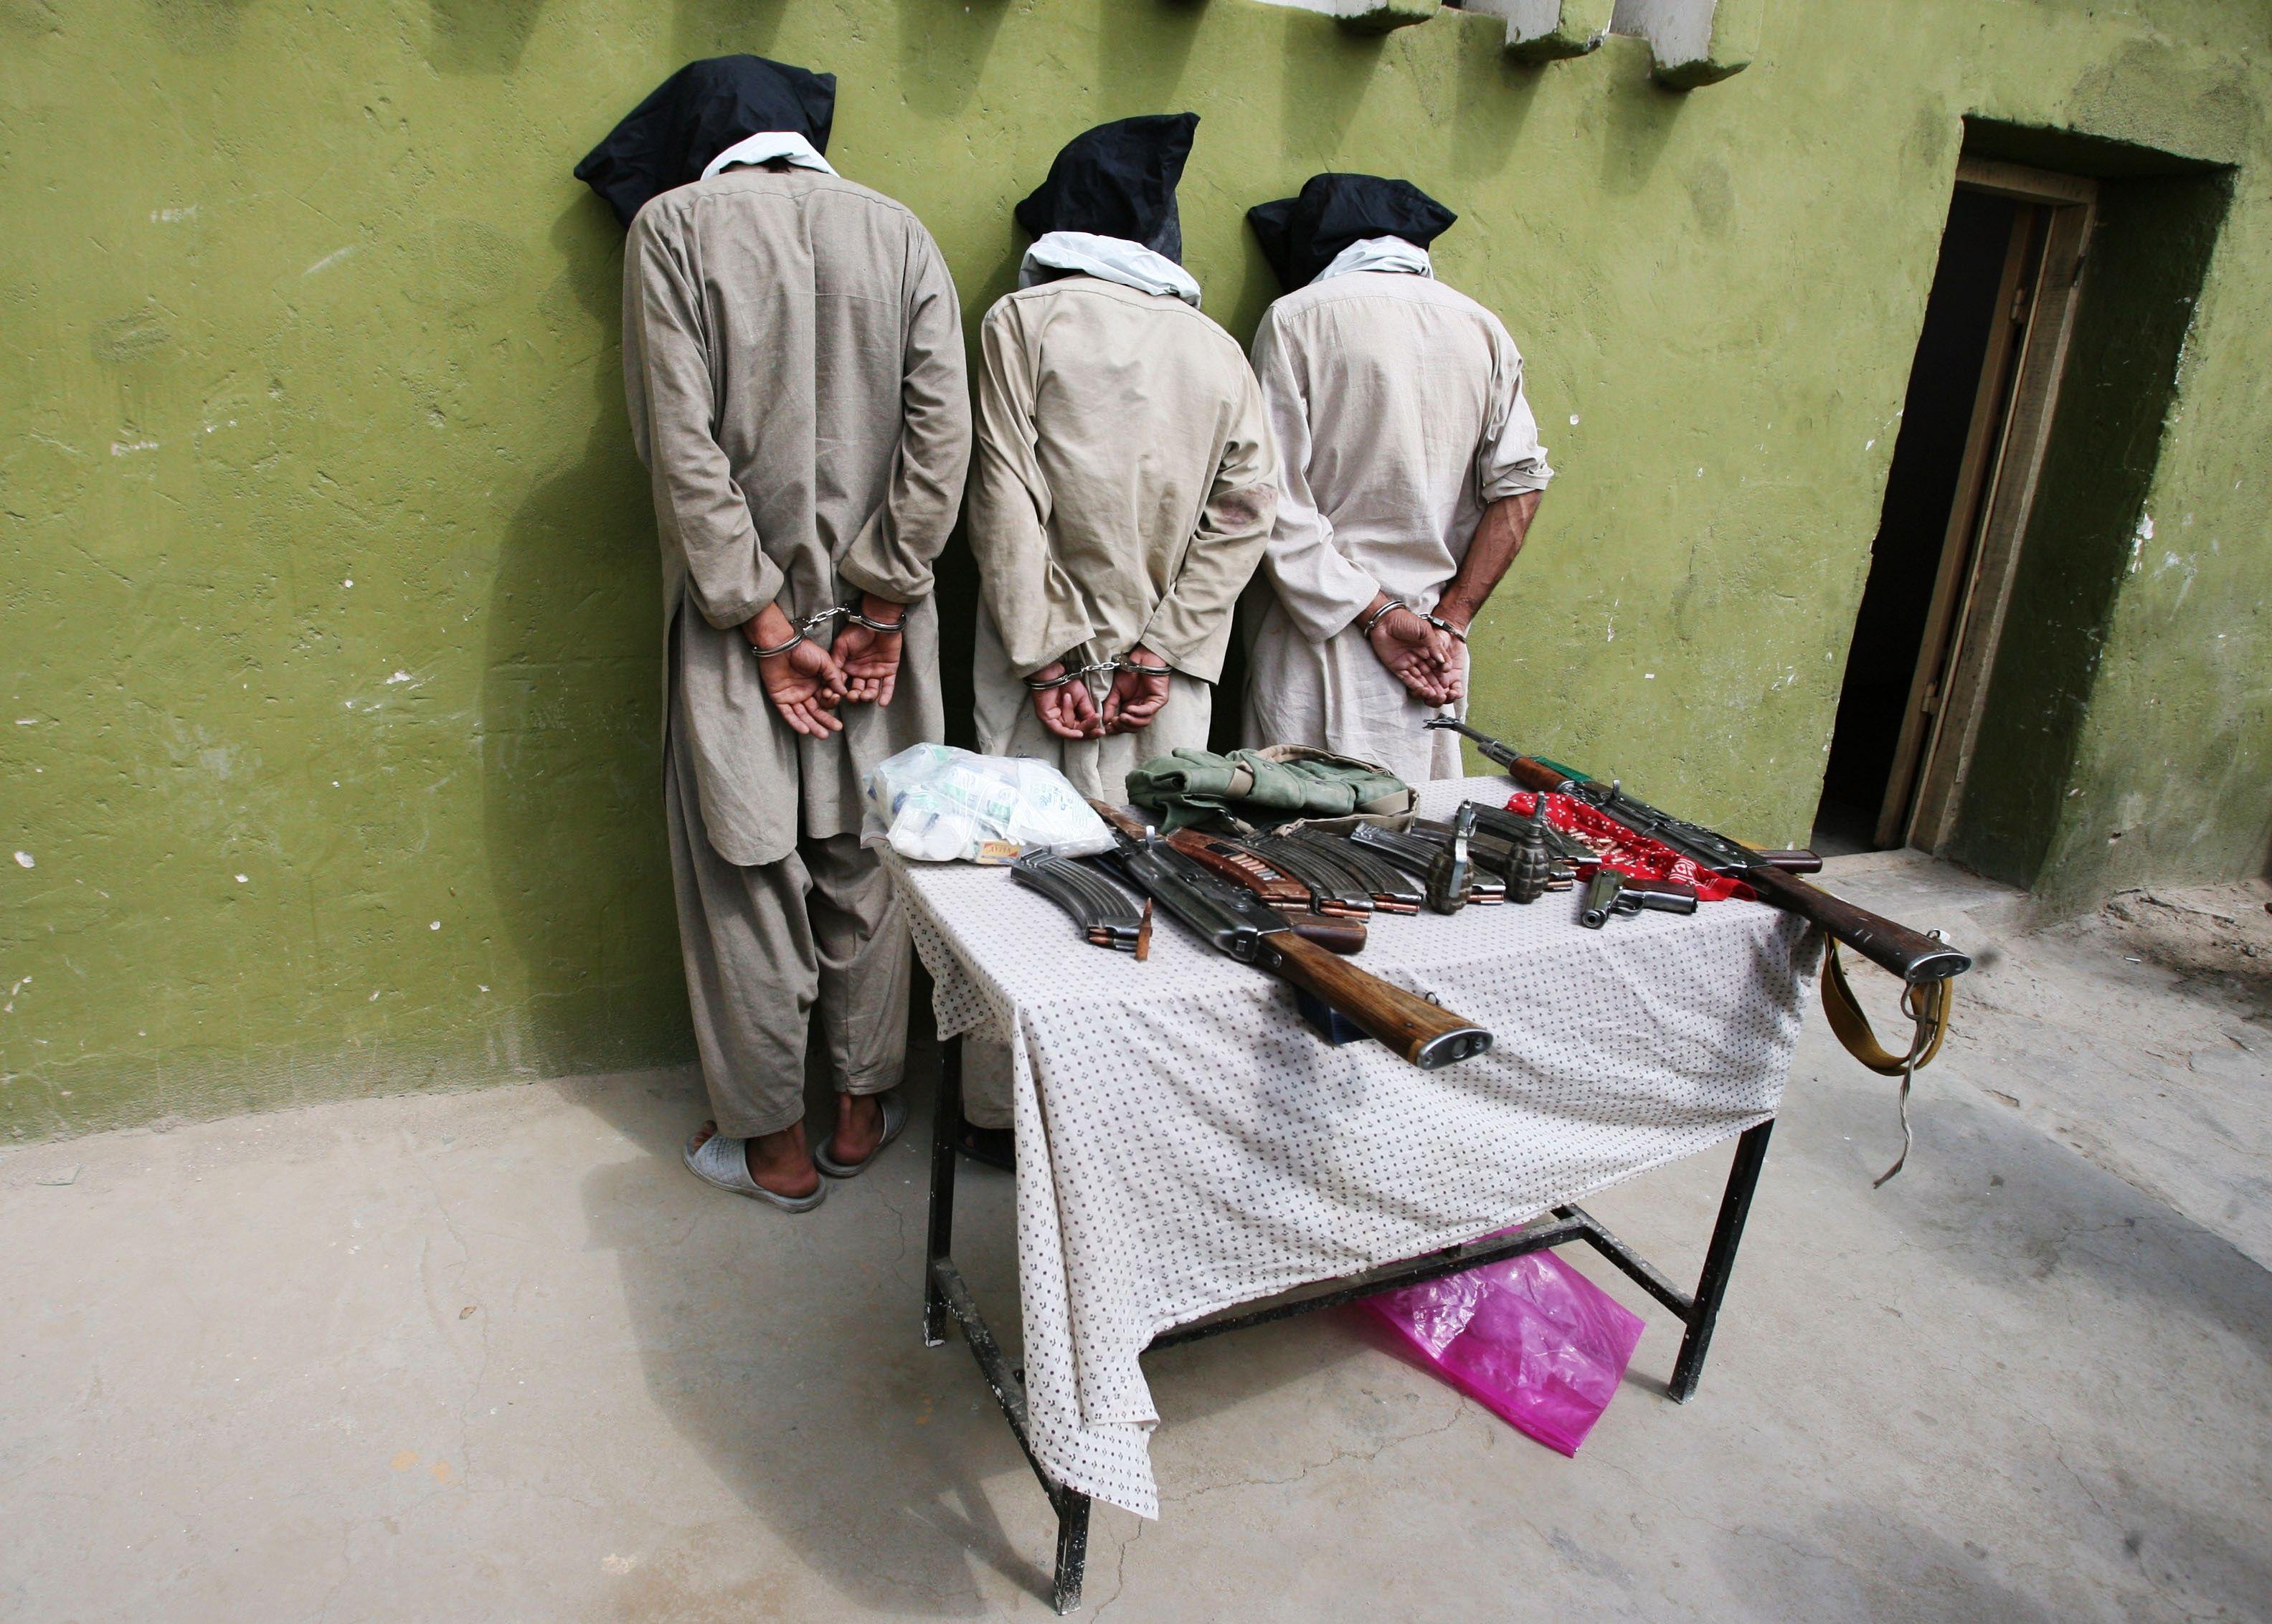 Un récent décret du Roi Abdallah stipule que tout engagement dans une organisation extrémiste sera désormais passible de 5 à 30 ans de prison.